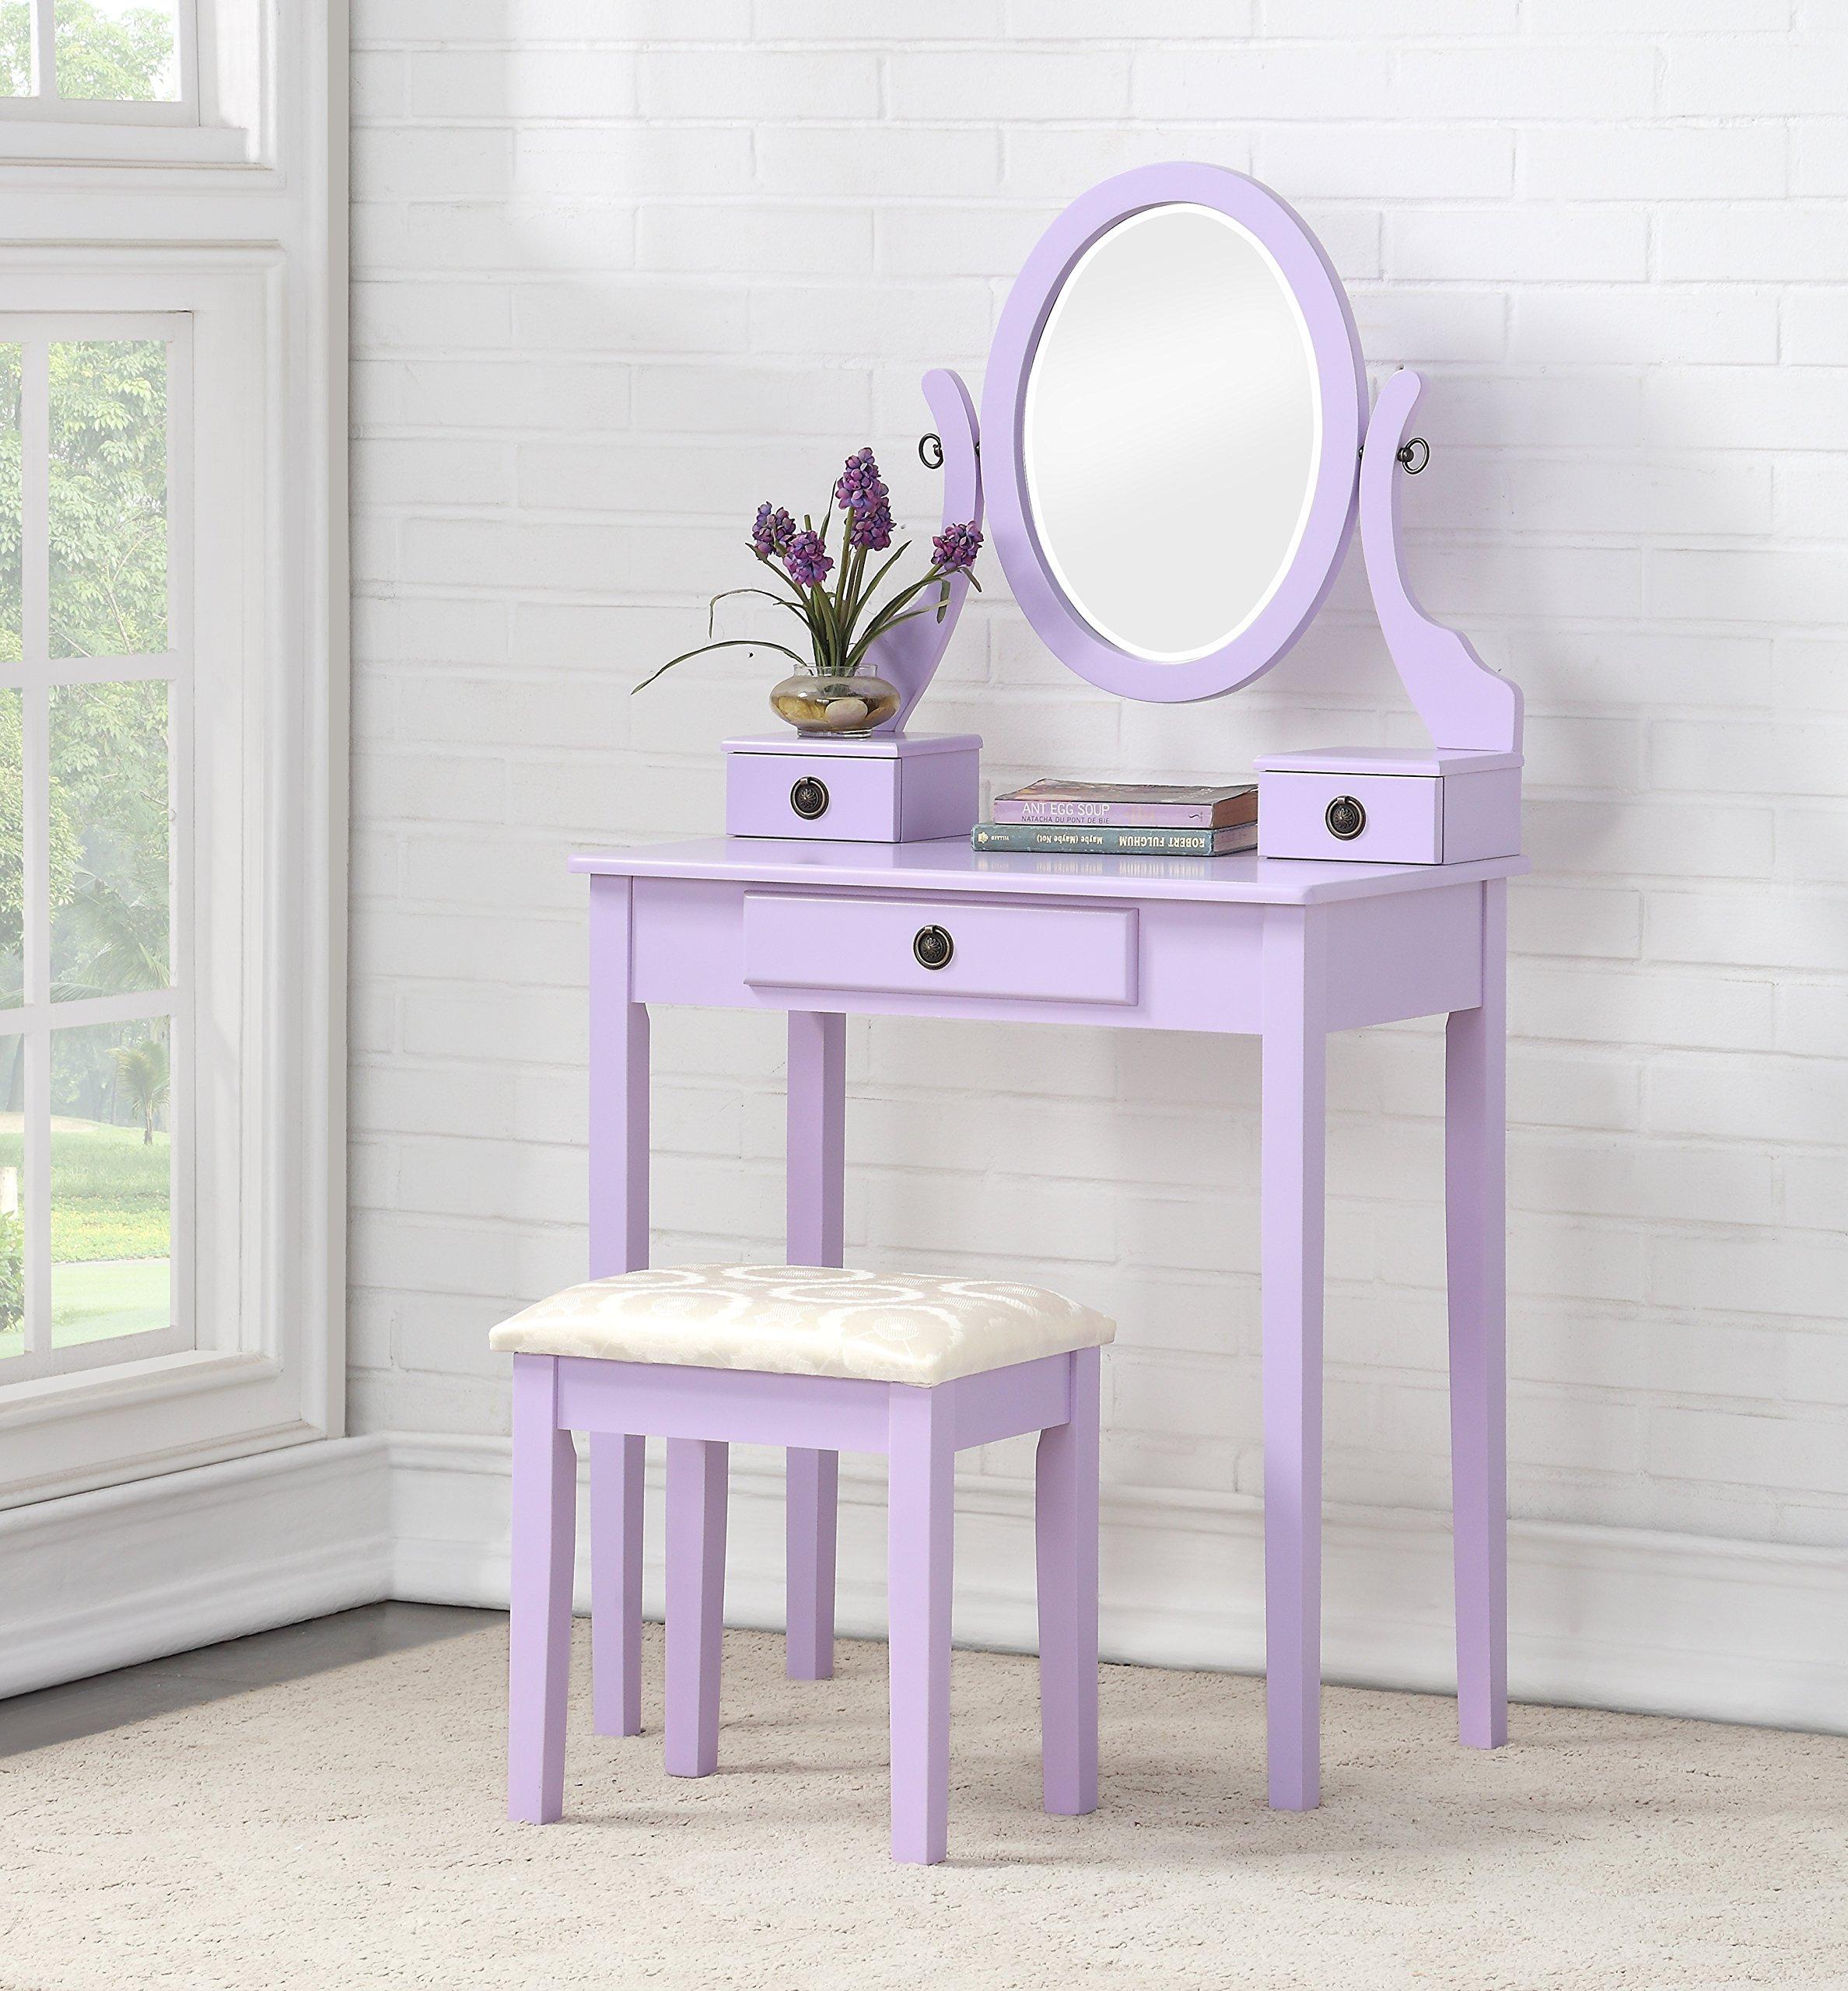 Roundhill Furniture 3415PL Moniys Wood Moniya Makeup Vanity Table and Stool Set, Purple